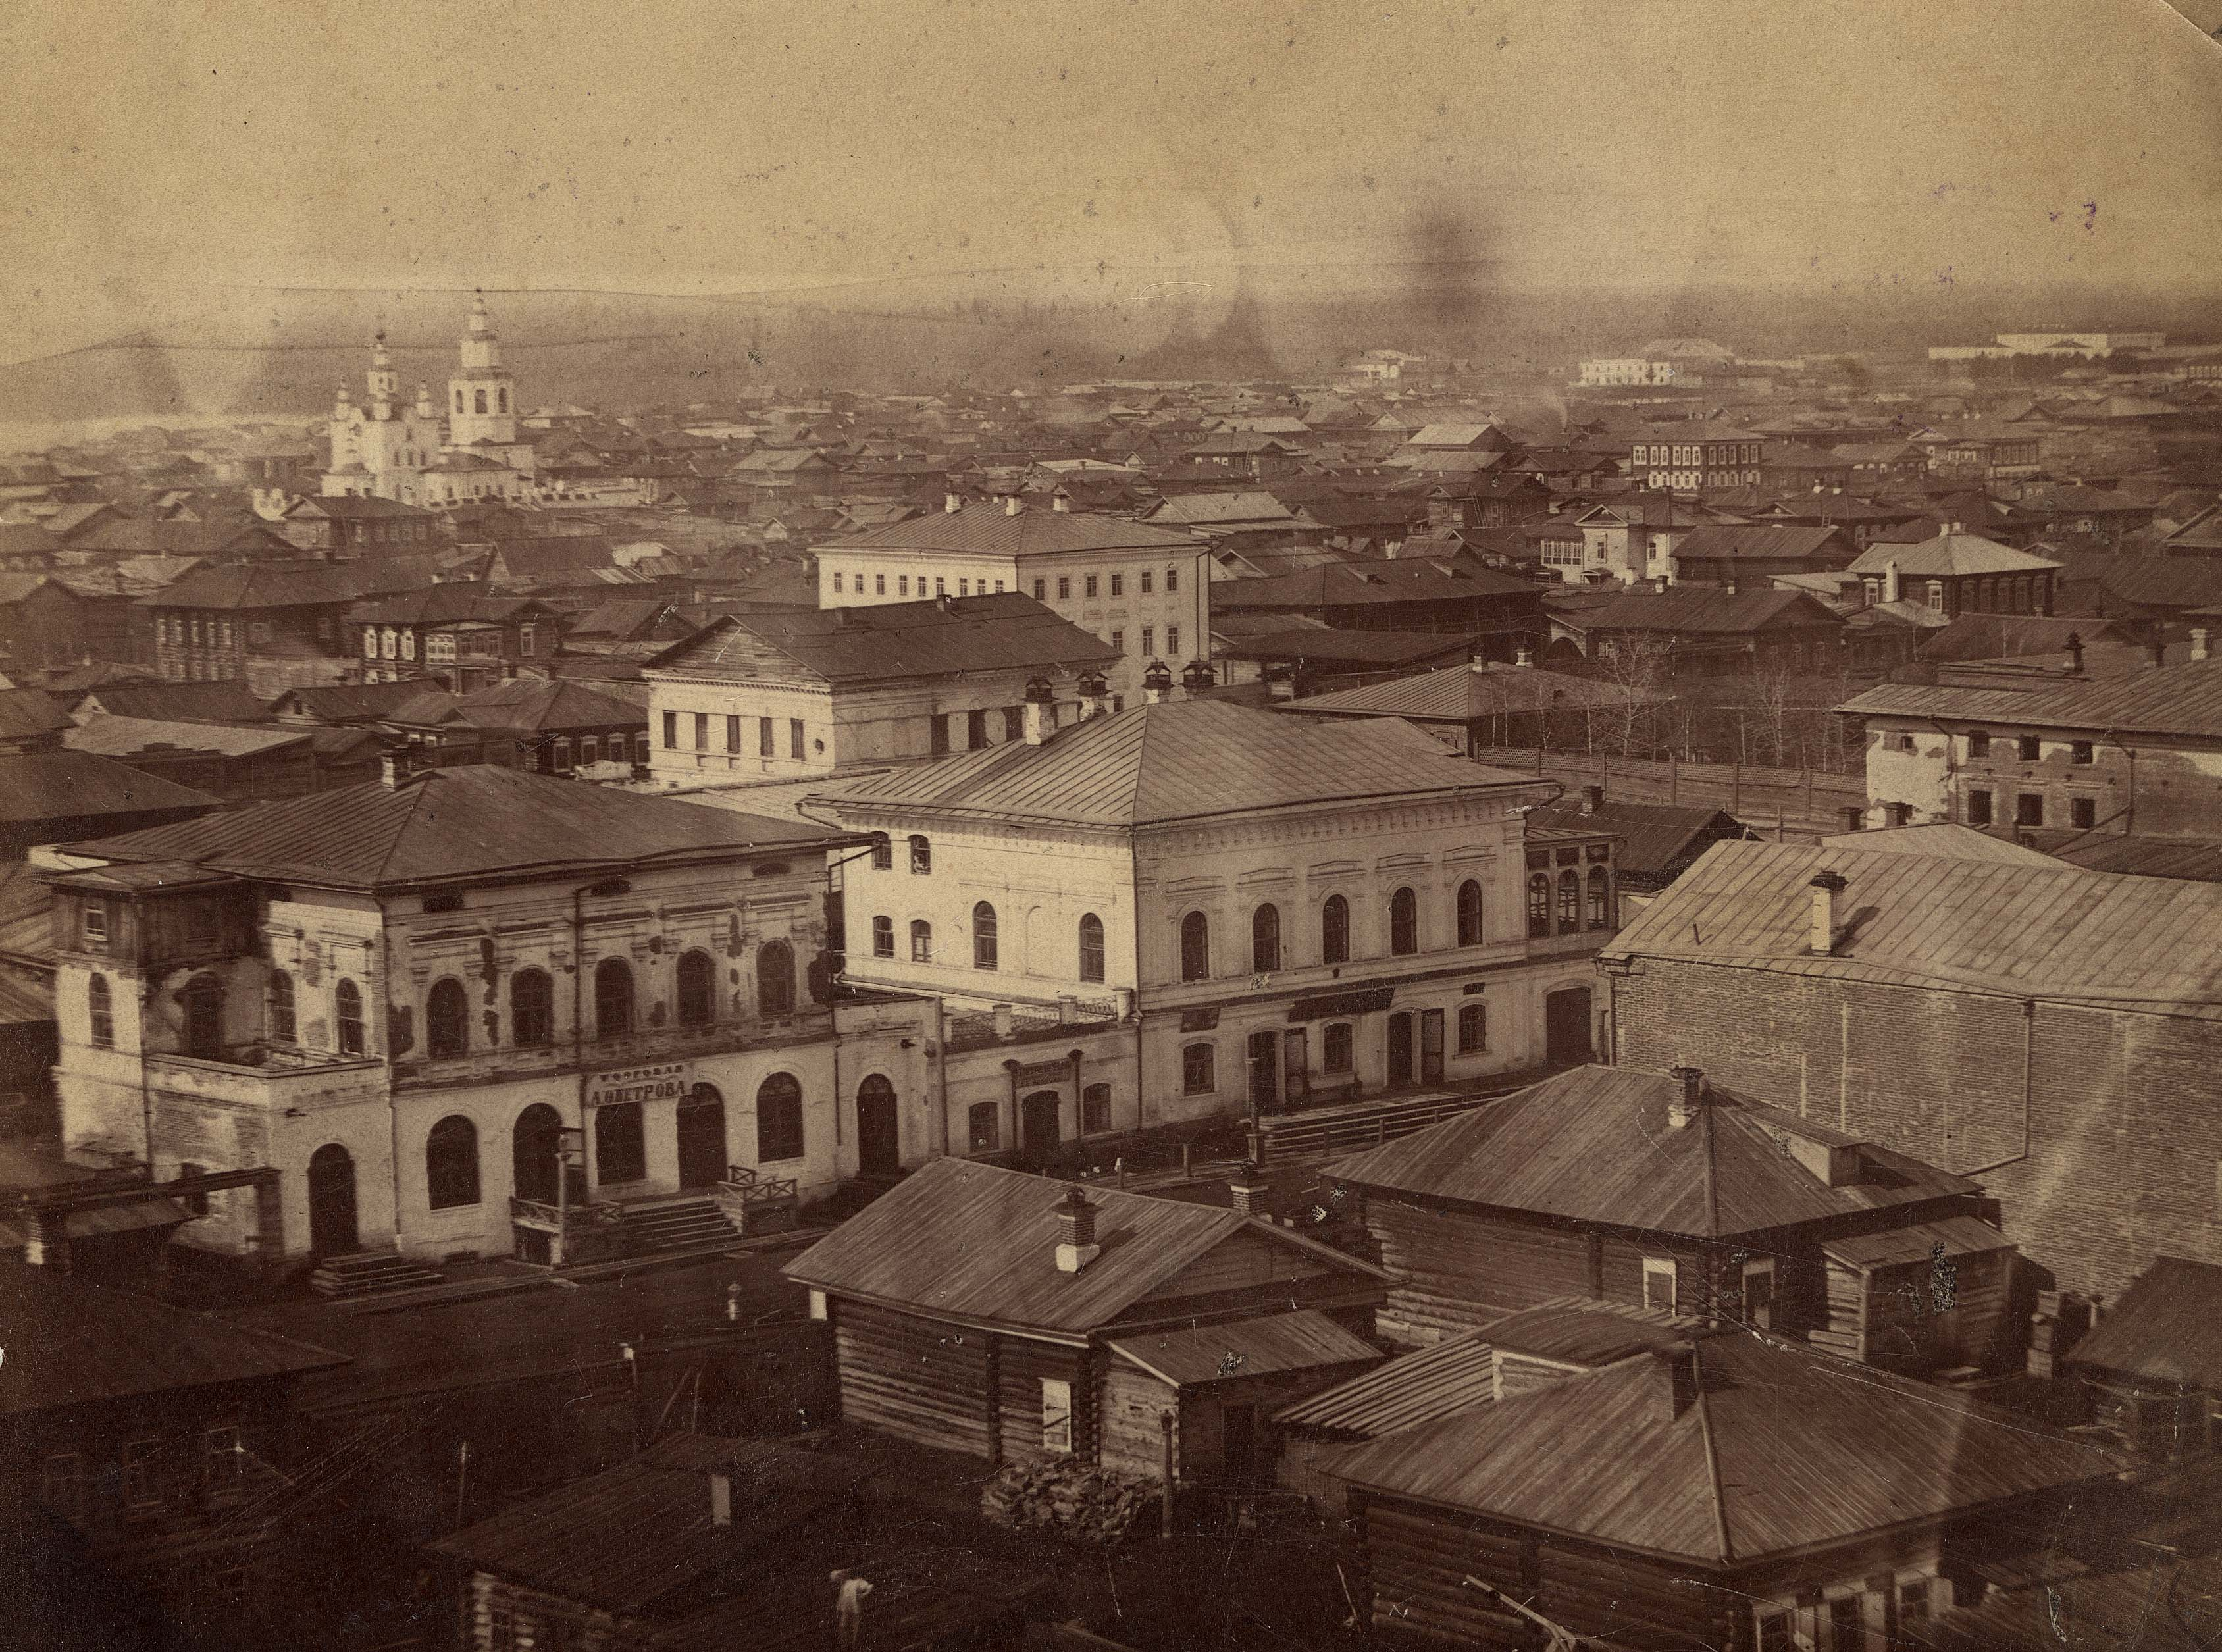 Панорама Центральной части города в направлении на юго-восток